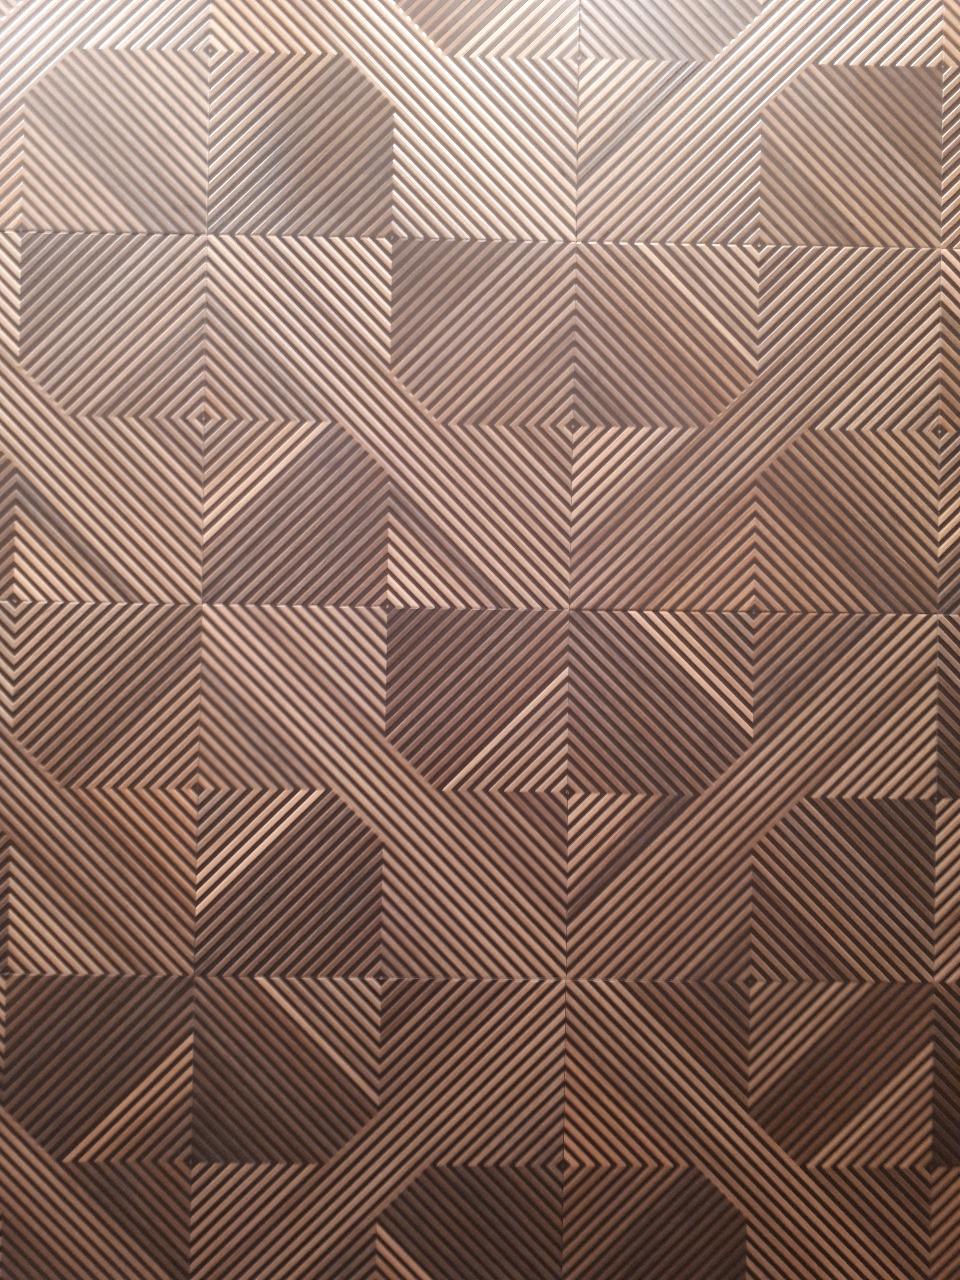 Tem cara de madeira, mas não é: revestimentos que copiam com perfeição a textura do material